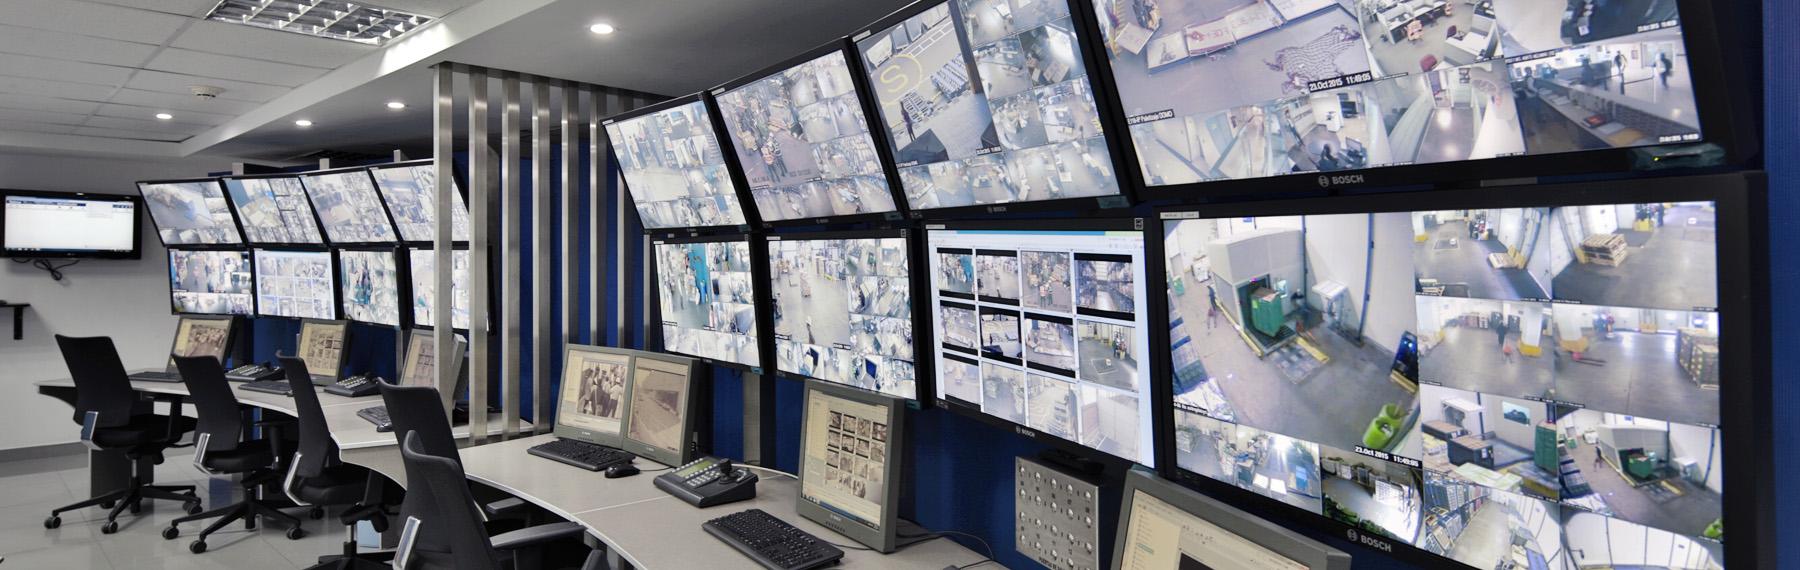 Talma adquiere nuevos equipos de Rayos X con mayor capacidad de detección de carga ilegal